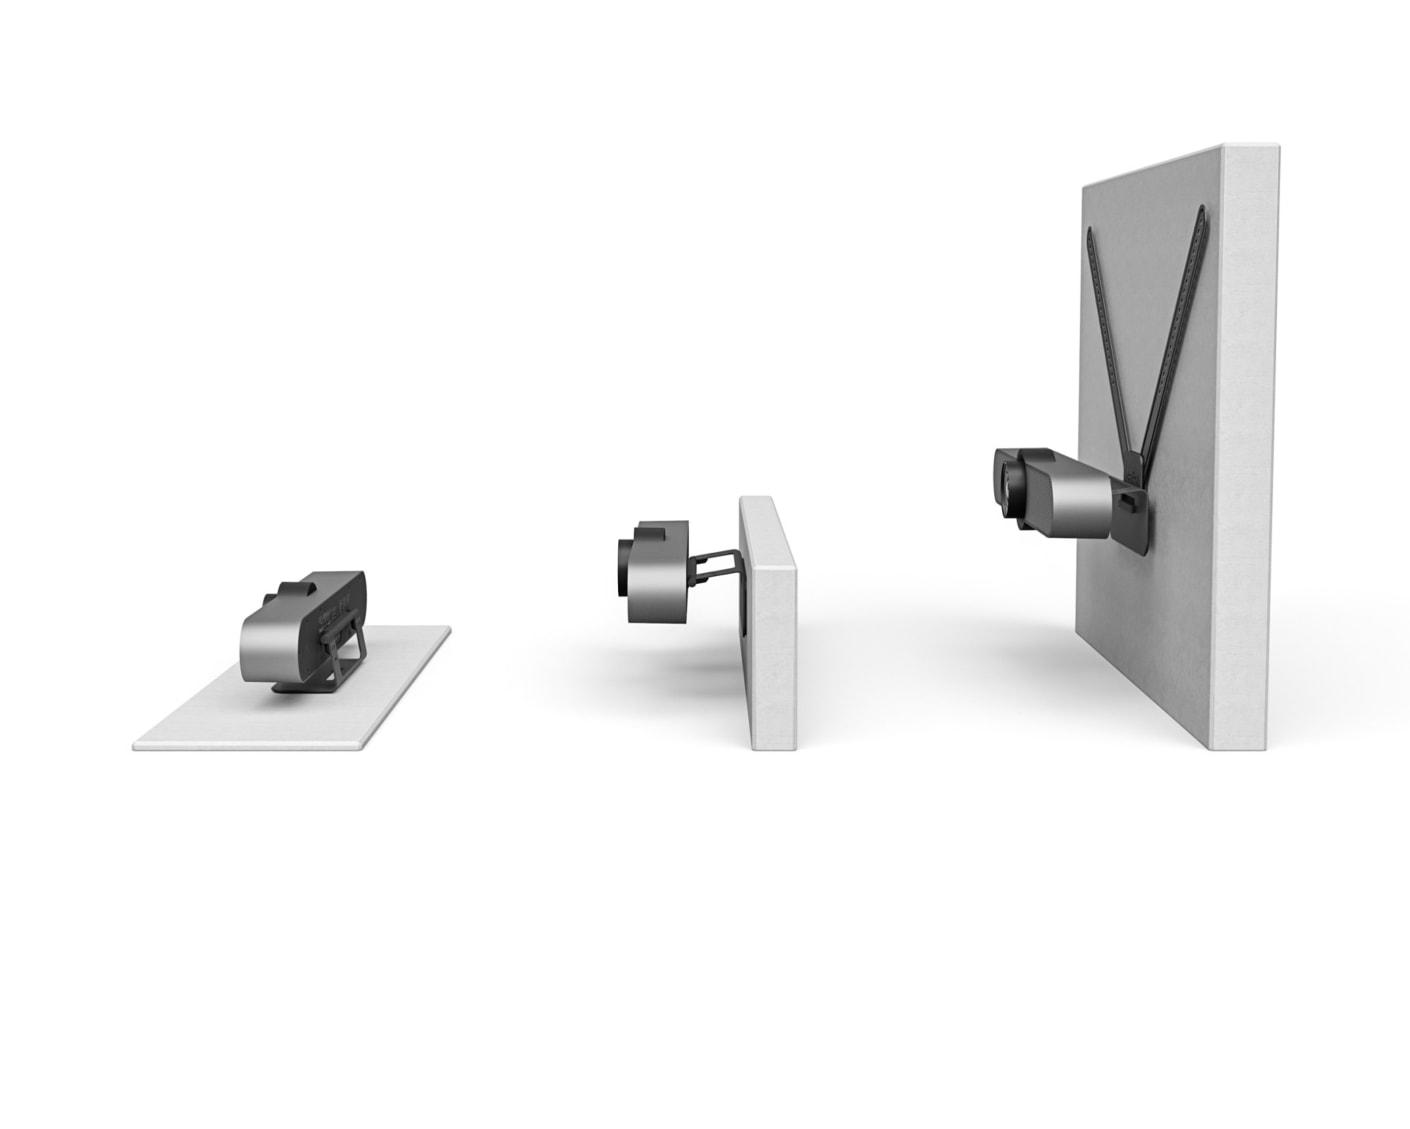 MeetUp-kiinnitysvaihtoehdot sivusta, pöytäjalusta, kiinnitettynä seinään ja kiinnitettynä televisioon